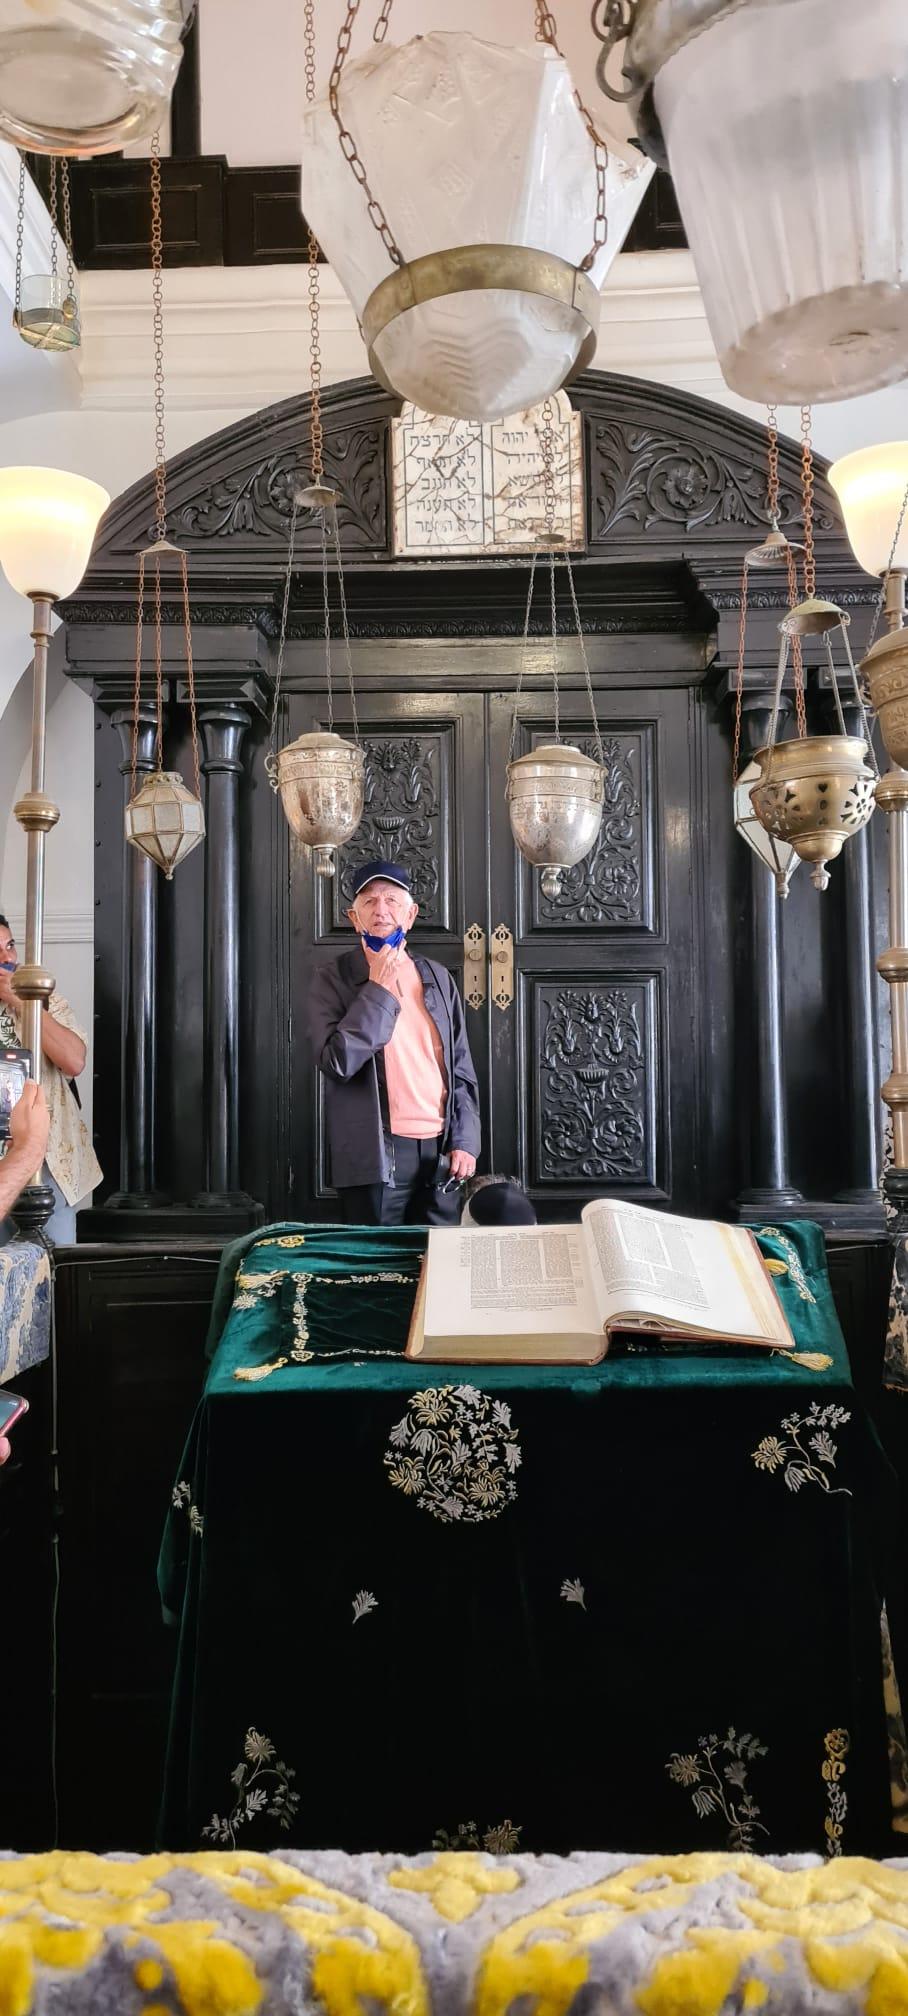 אנדרה אזולאי, יועץ בכיר למלך מרוקו, בבית הכנסת בבית ד'אקירה | צילום: שרון בן דוד